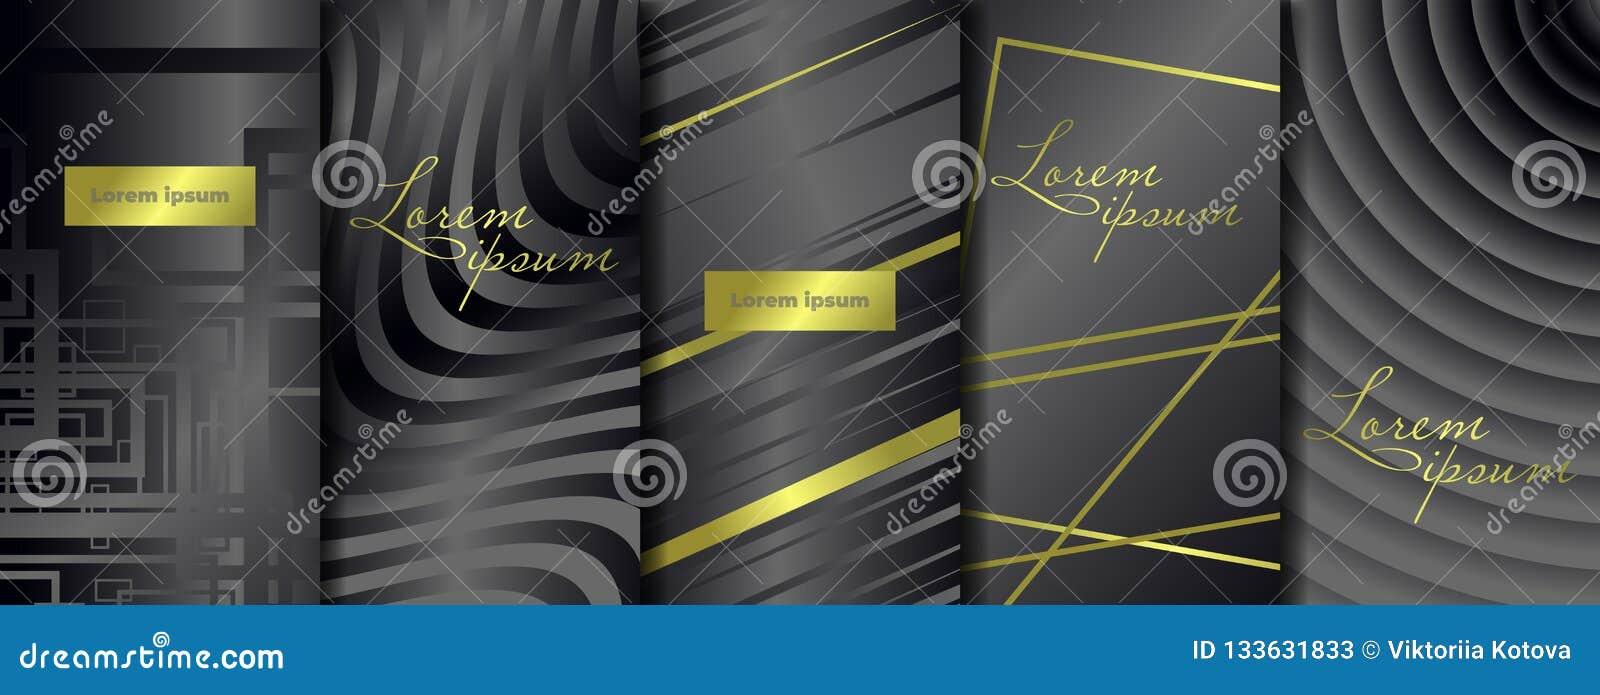 Lyxiga högvärdiga förpackande mallar Fastställda förpackande mallar för vektor med olik textur för lyxiga produkter